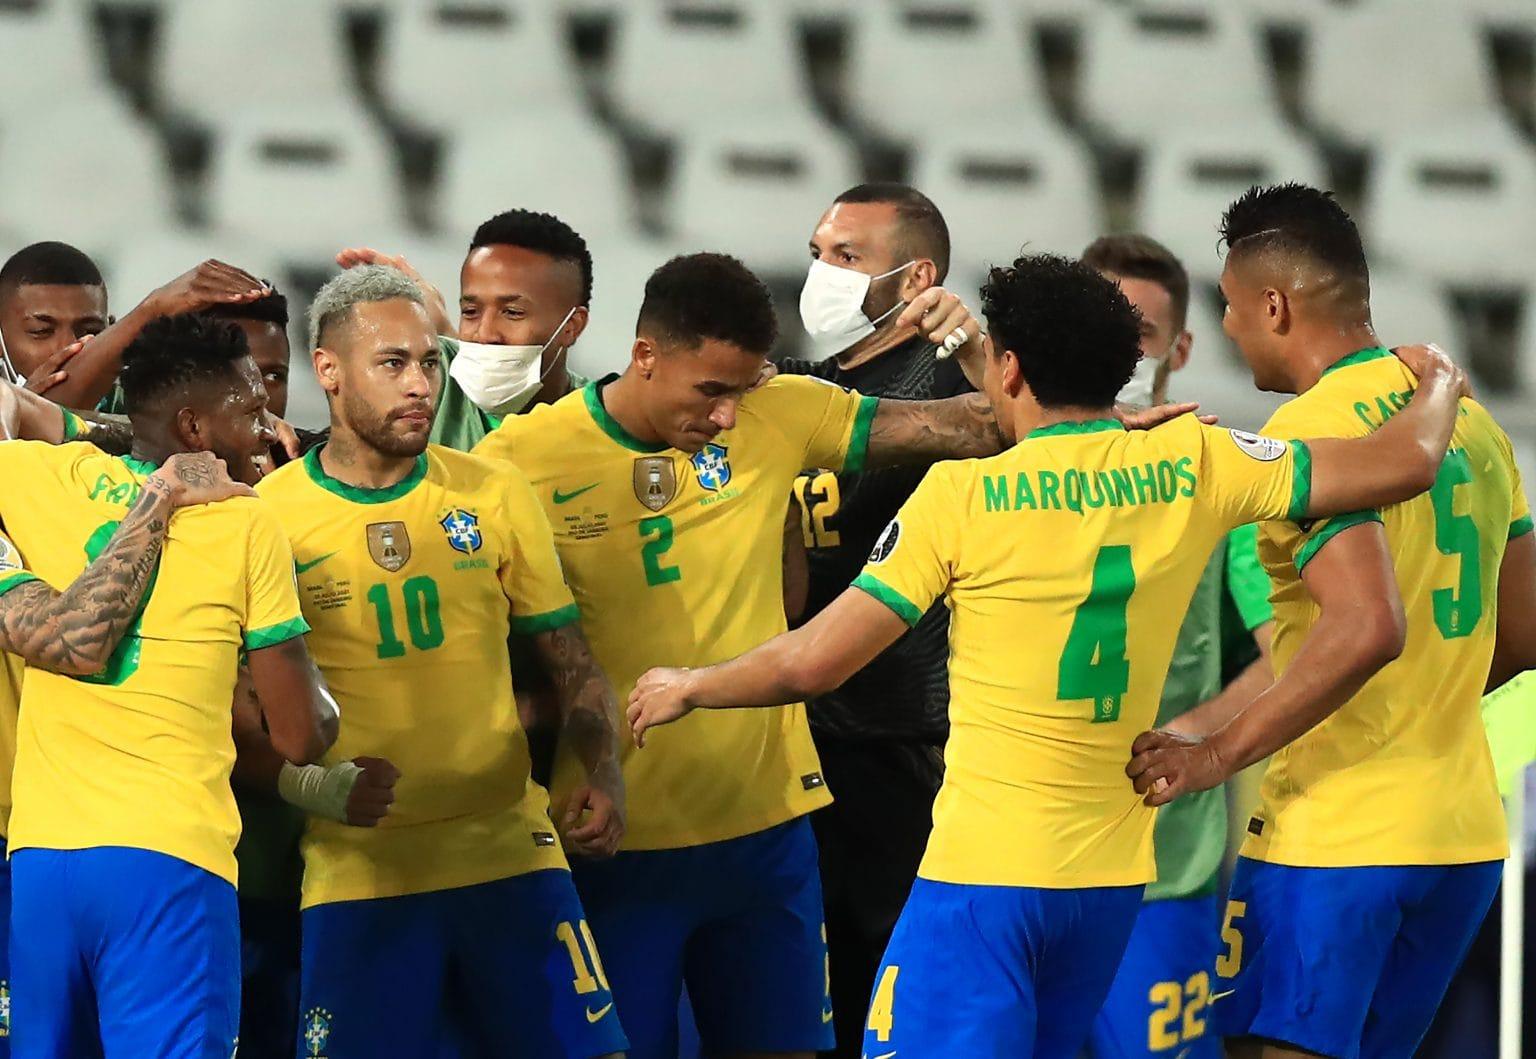 ब्राजिल कोपा अमेरिकाको फाइनलमा